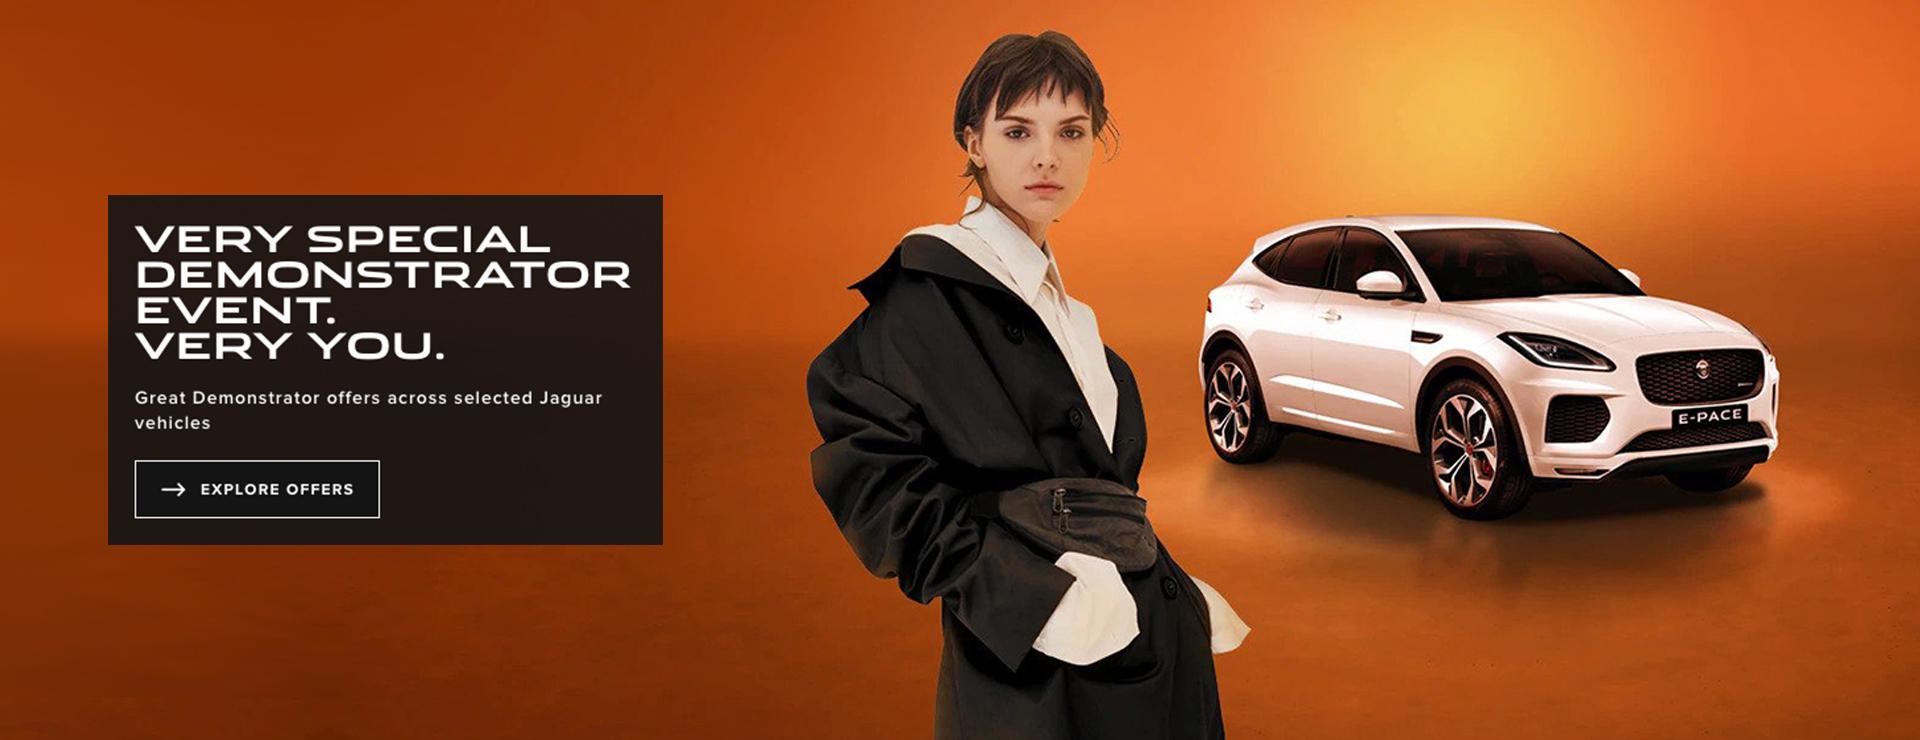 Jaguar Offers